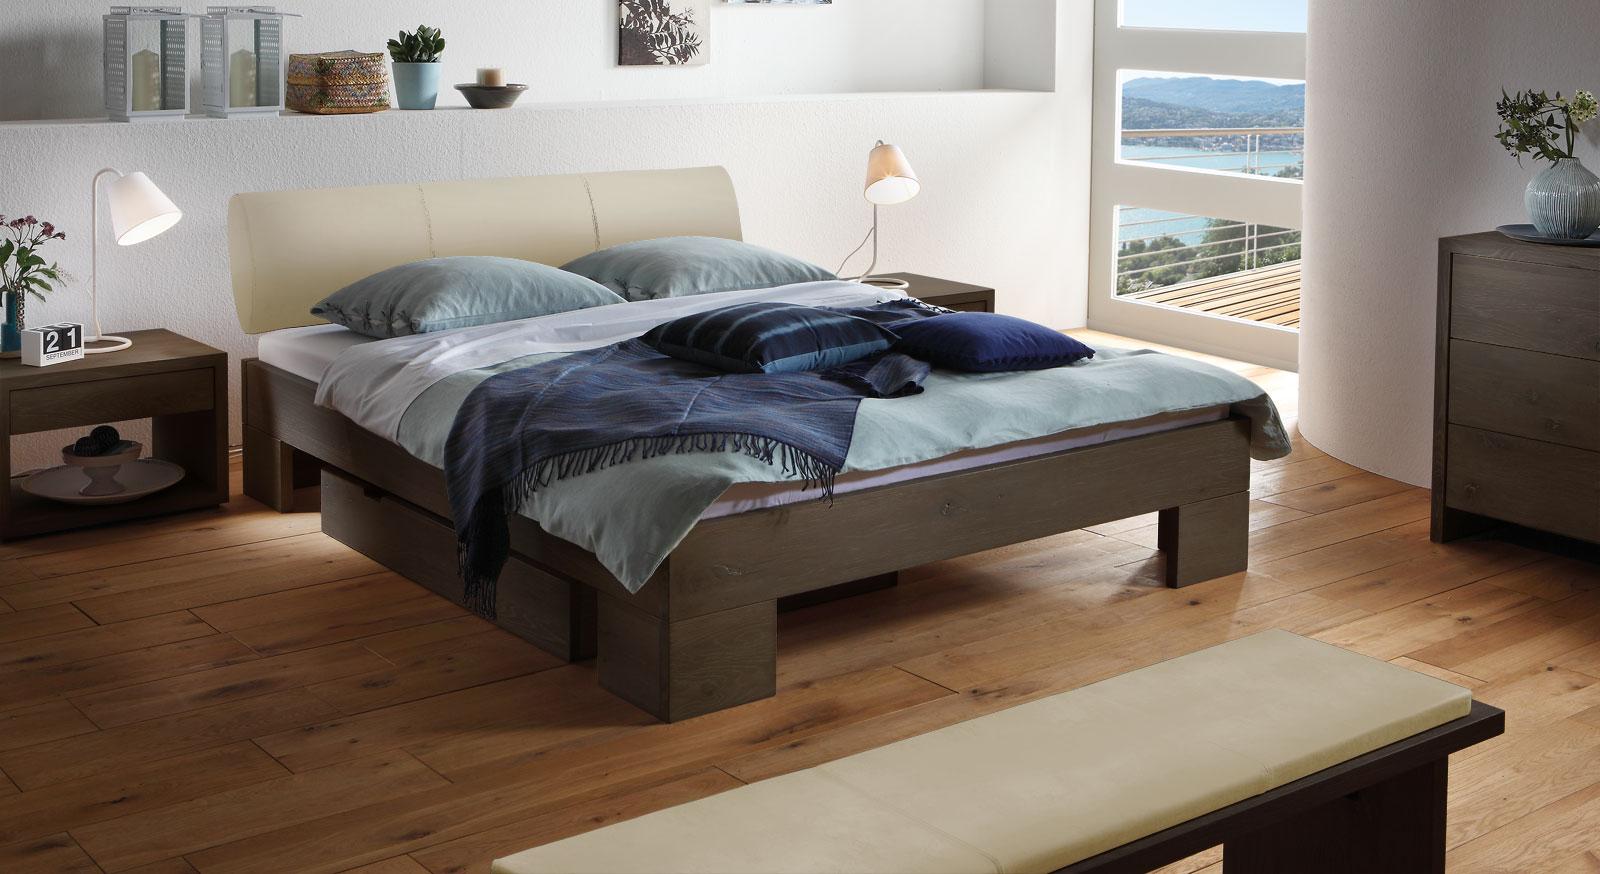 Das Bett Prato aus coffeefarbener Wildeiche und beigefarbenen Kunstleder